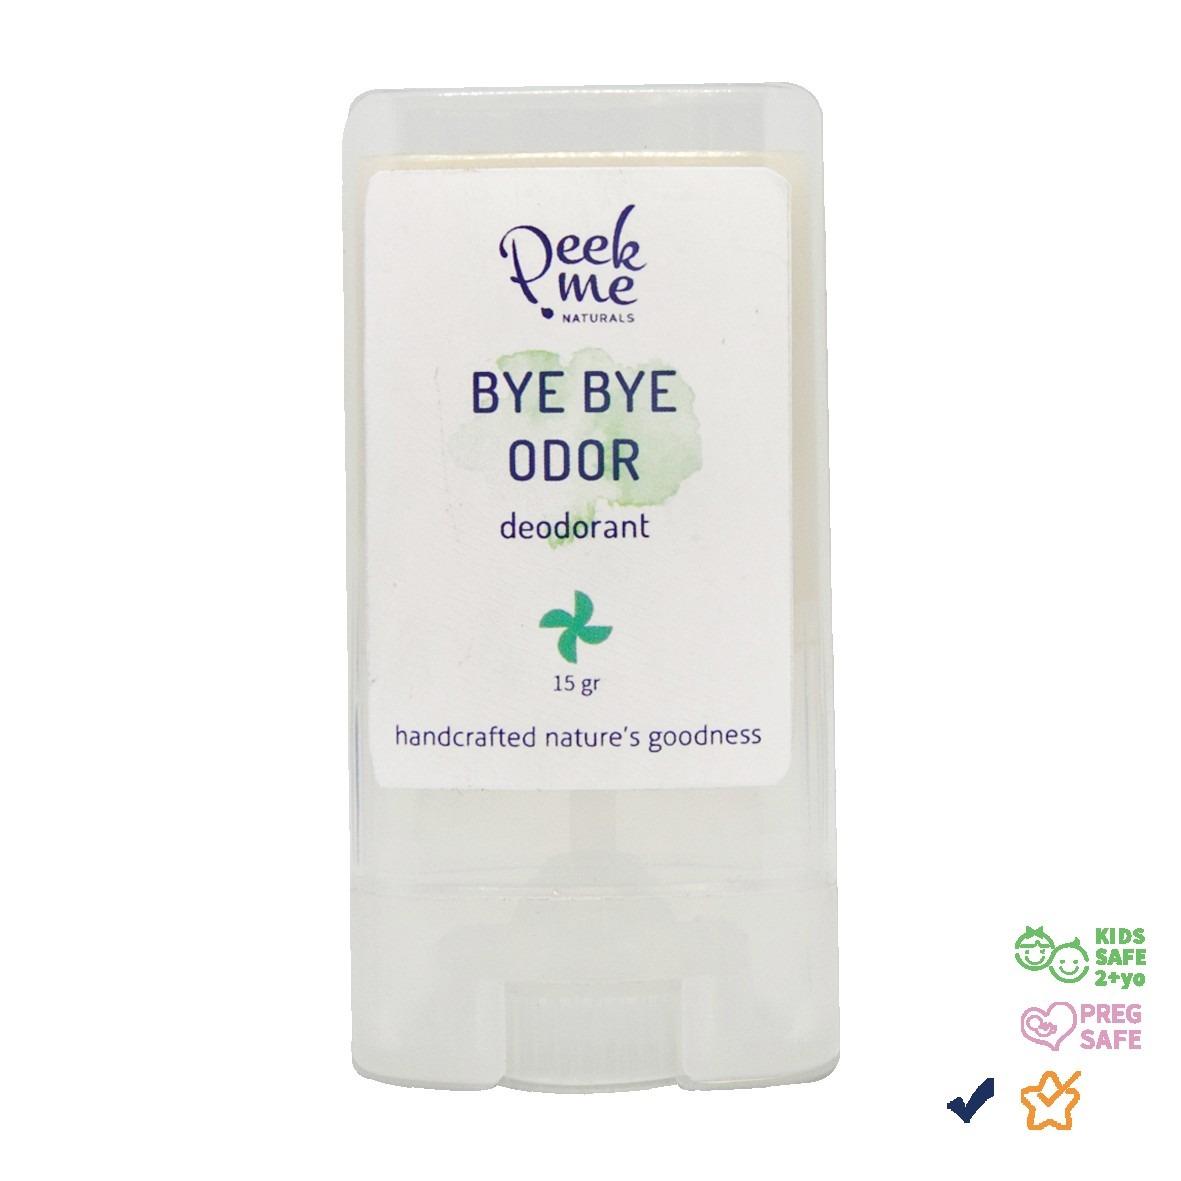 Peek Me Naturals Bye Bye Odor